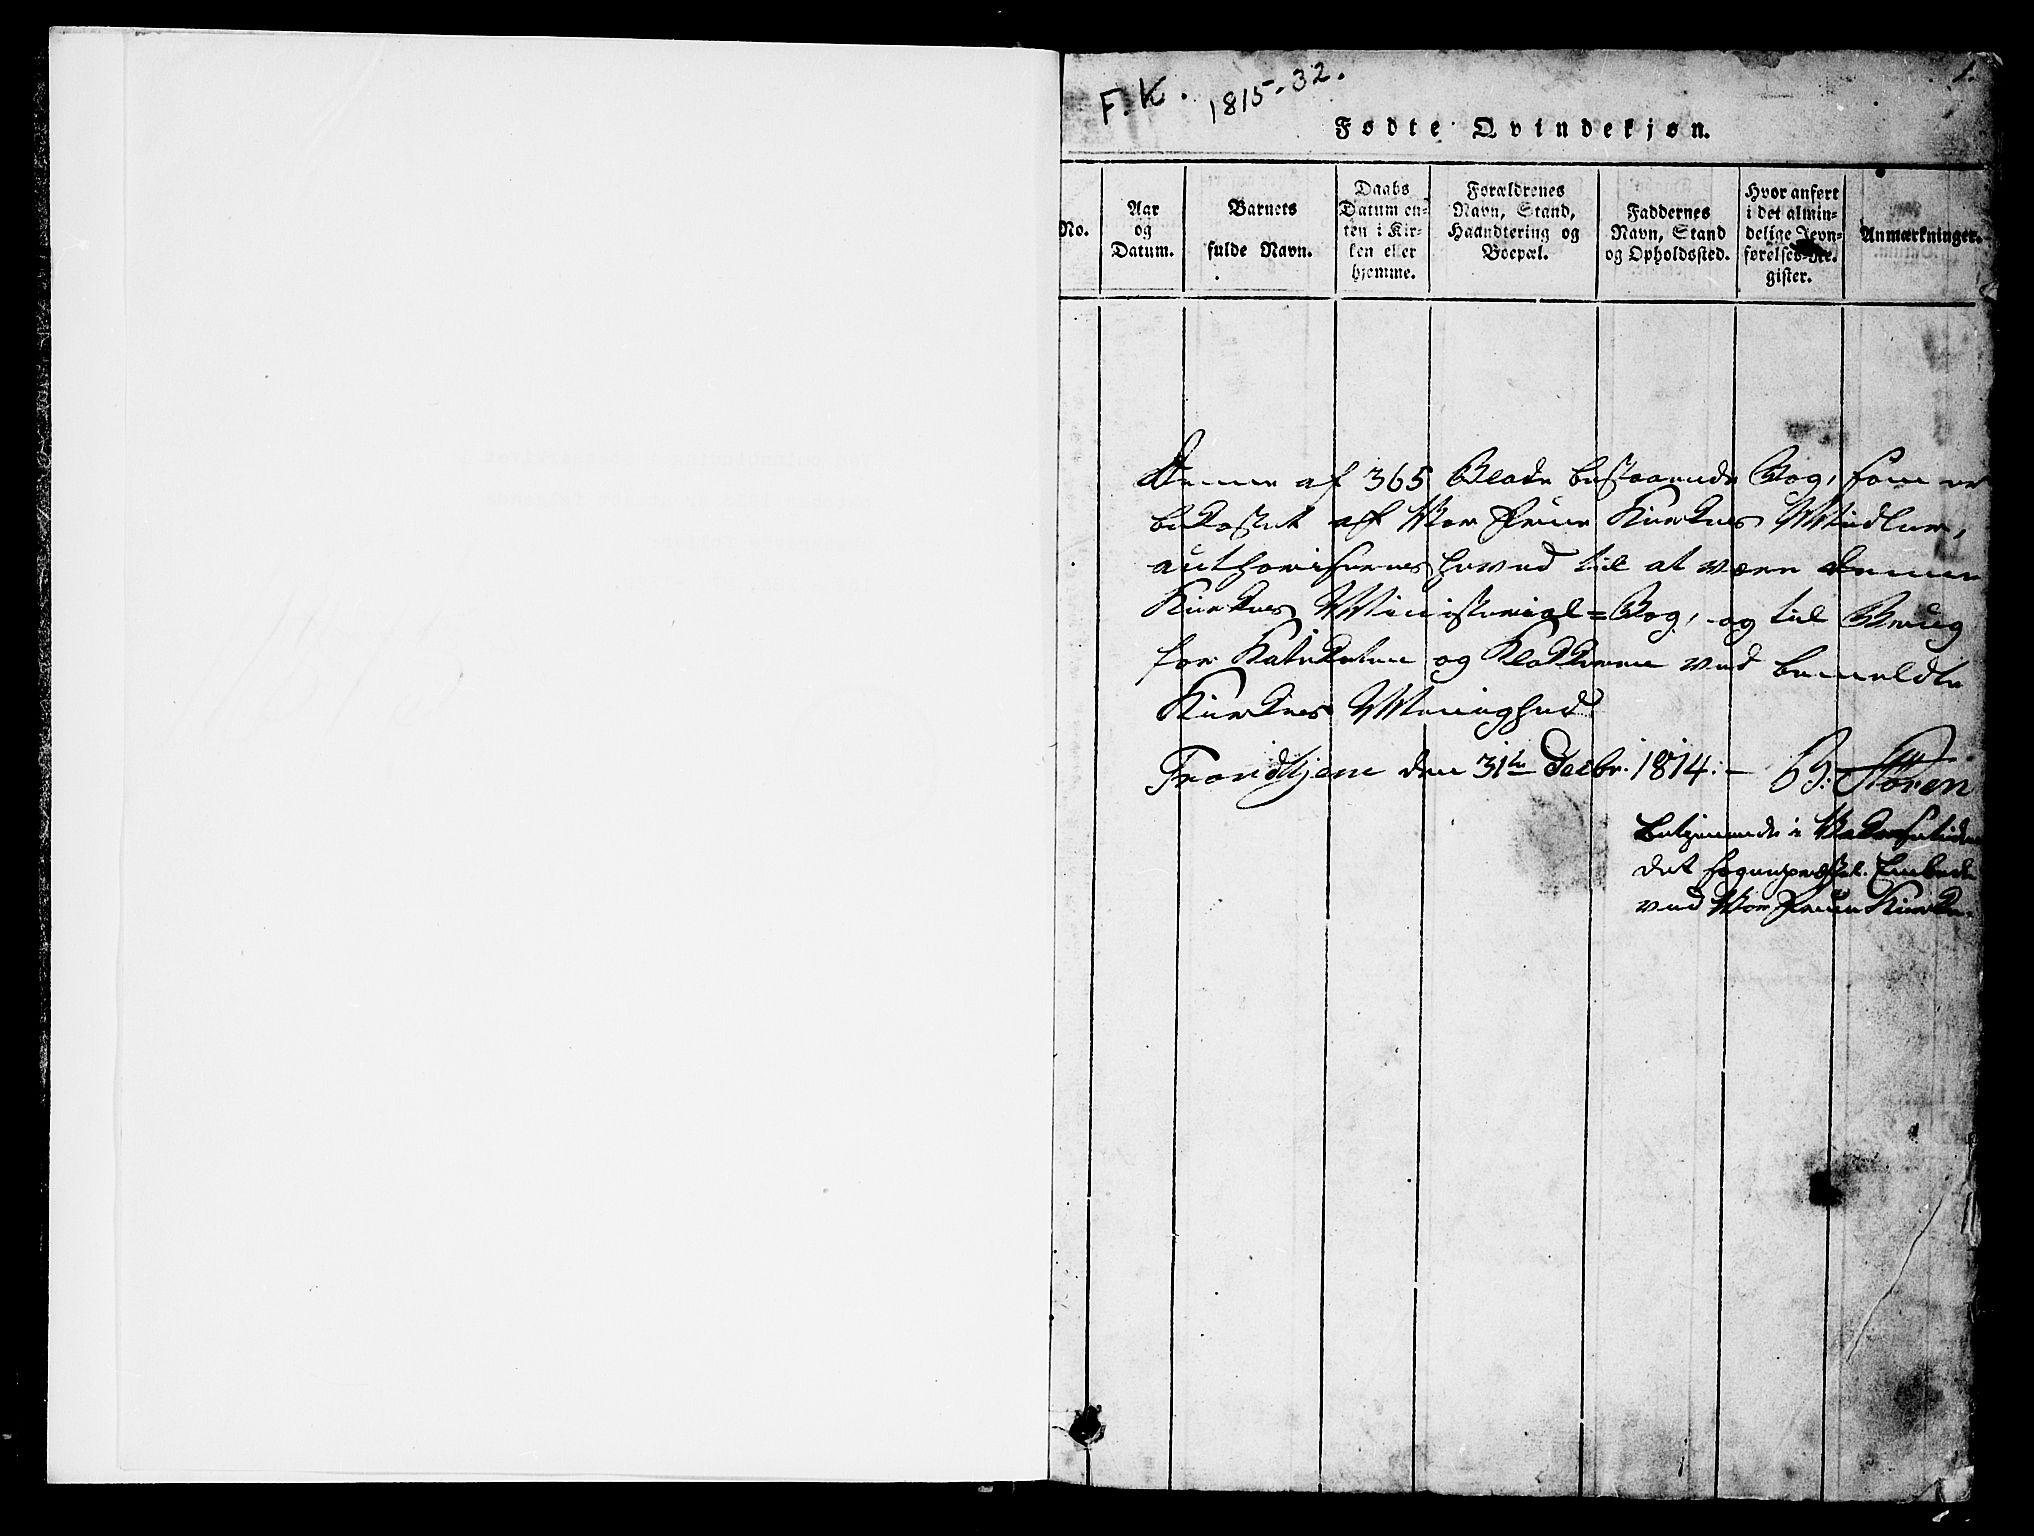 SAT, Ministerialprotokoller, klokkerbøker og fødselsregistre - Sør-Trøndelag, 602/L0135: Klokkerbok nr. 602C03, 1815-1832, s. 1